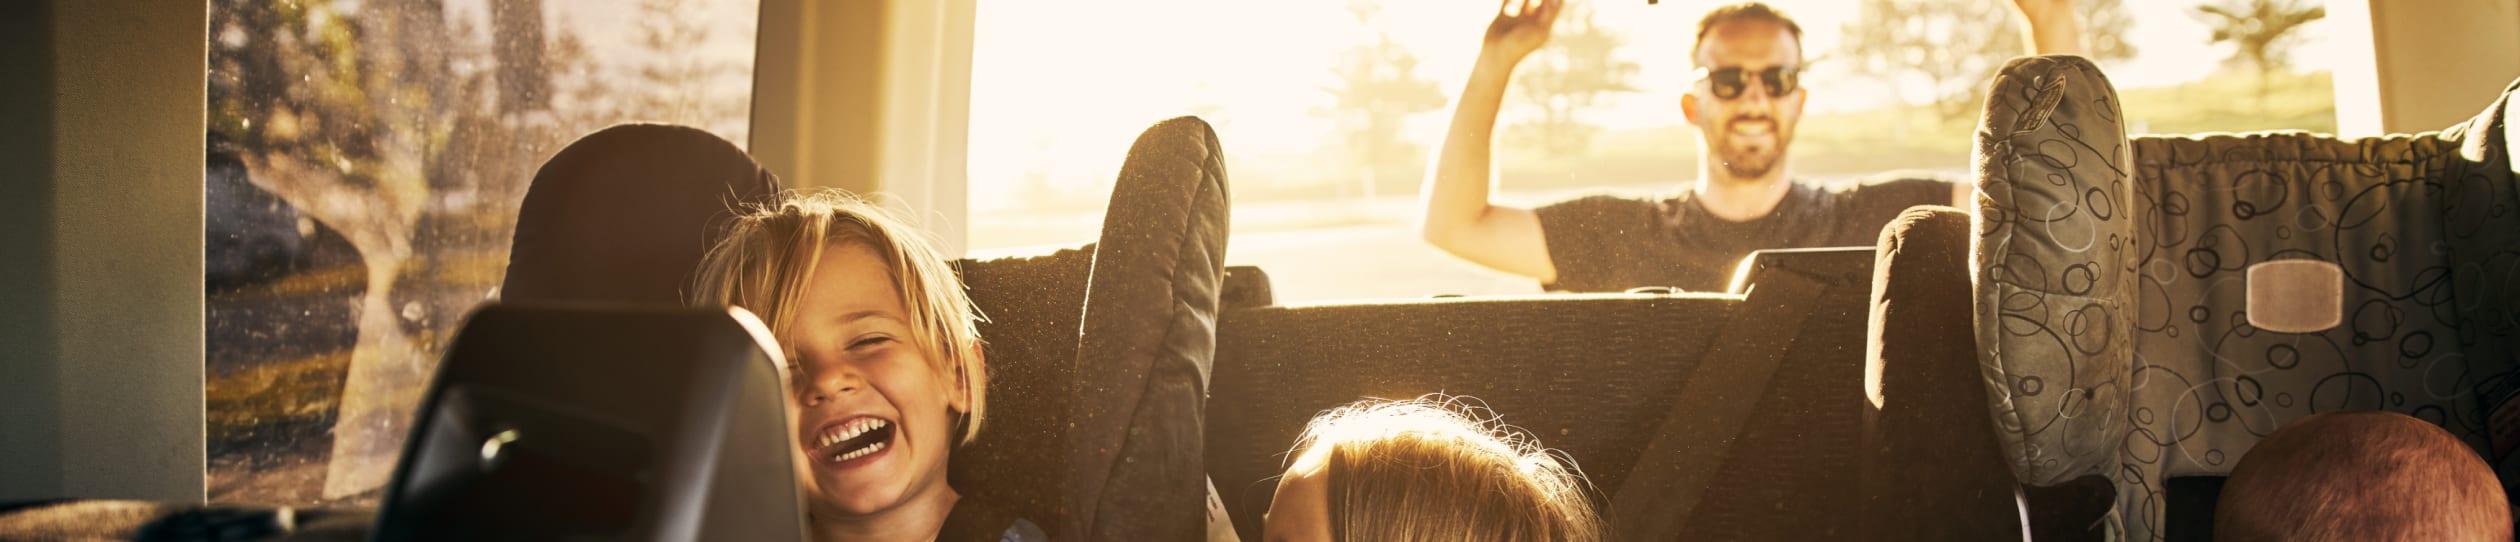 Drei lachende Kinder in einem Auto mit ihrem Vater